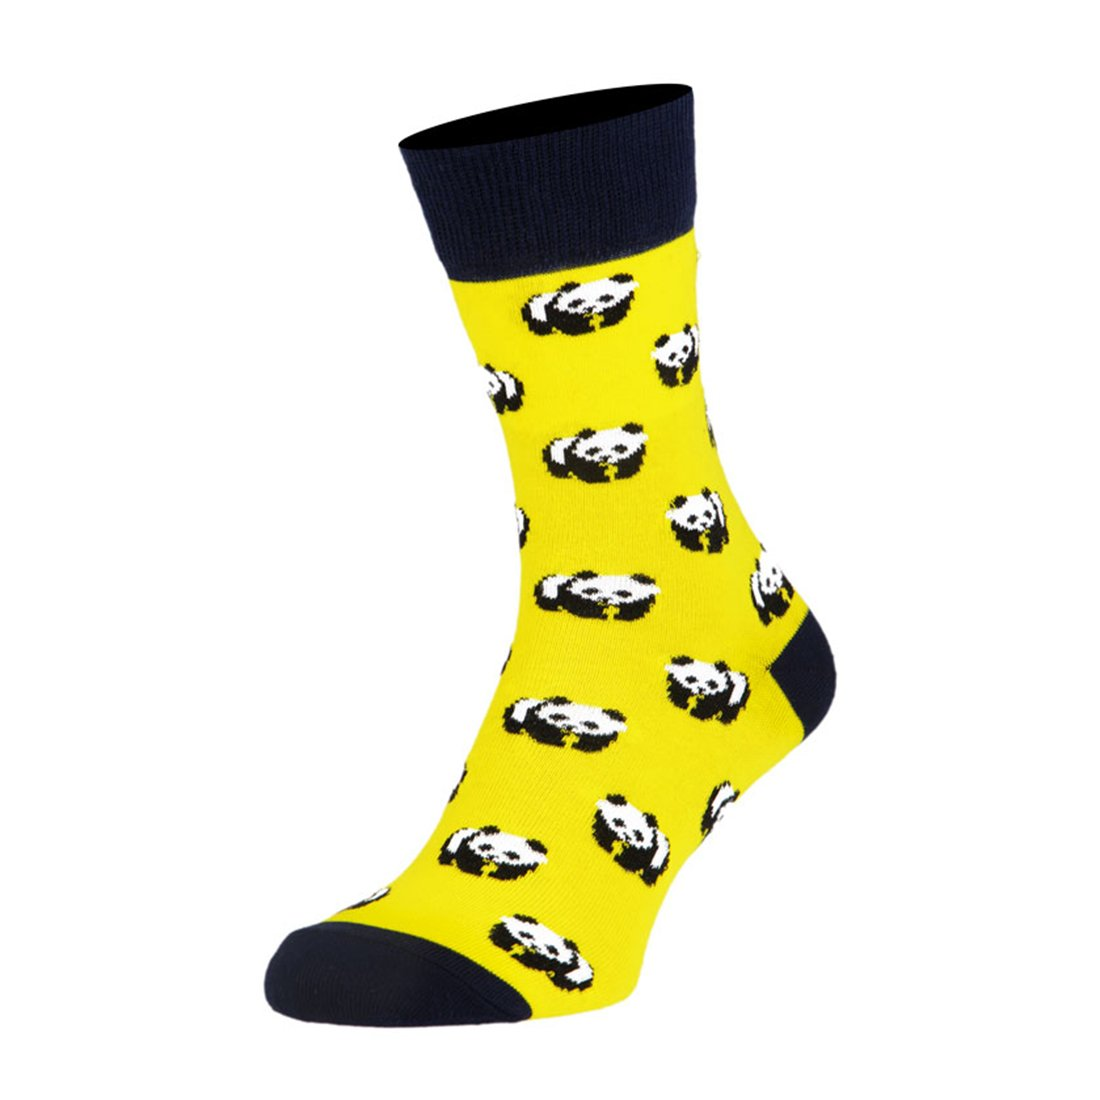 Носки мужские цветные из хлопка, жёлтые панды MansSet